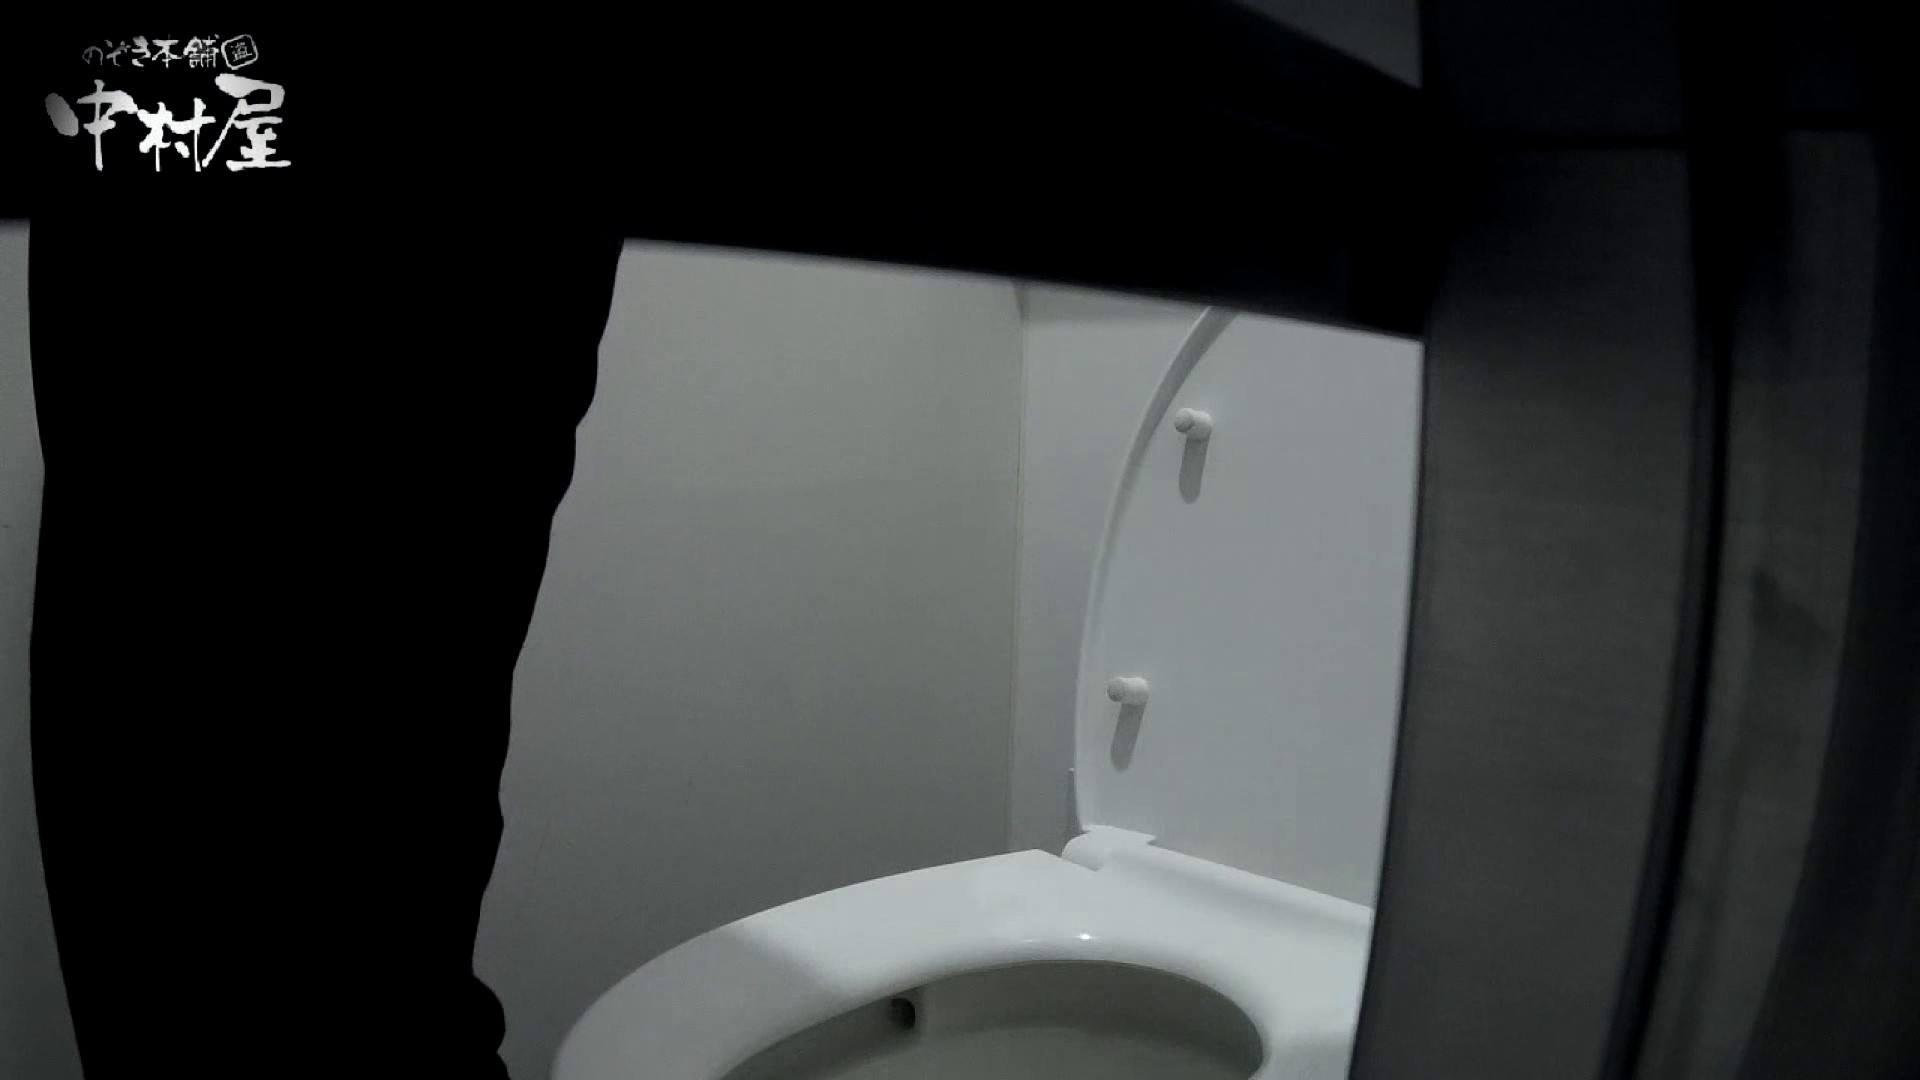 【某有名大学女性洗面所】有名大学女性洗面所 vol.40 ??おまじない的な動きをする子がいます。 洗面所 覗きおまんこ画像 88枚 47